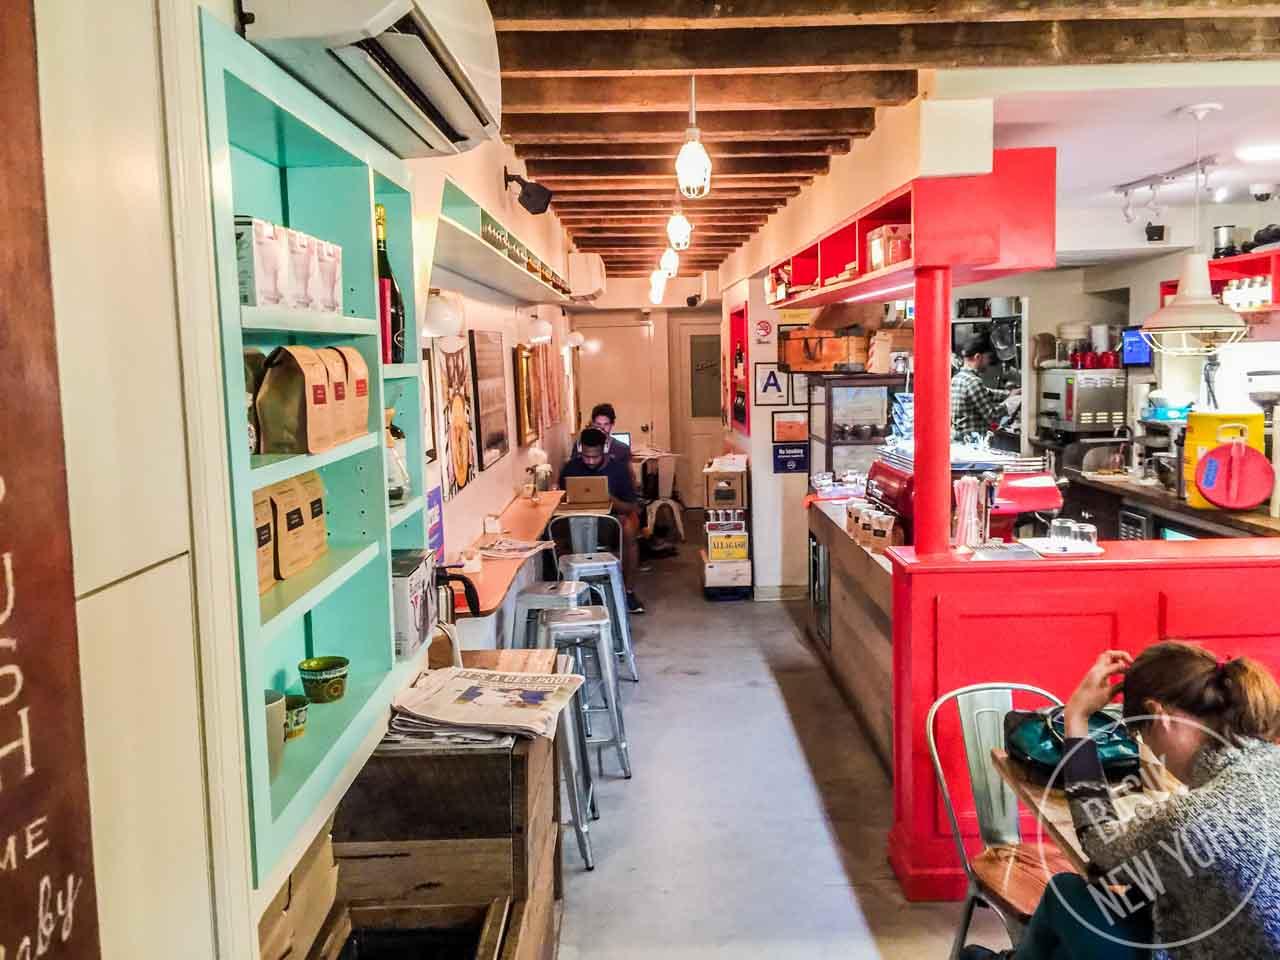 Sugar hill cafe 7